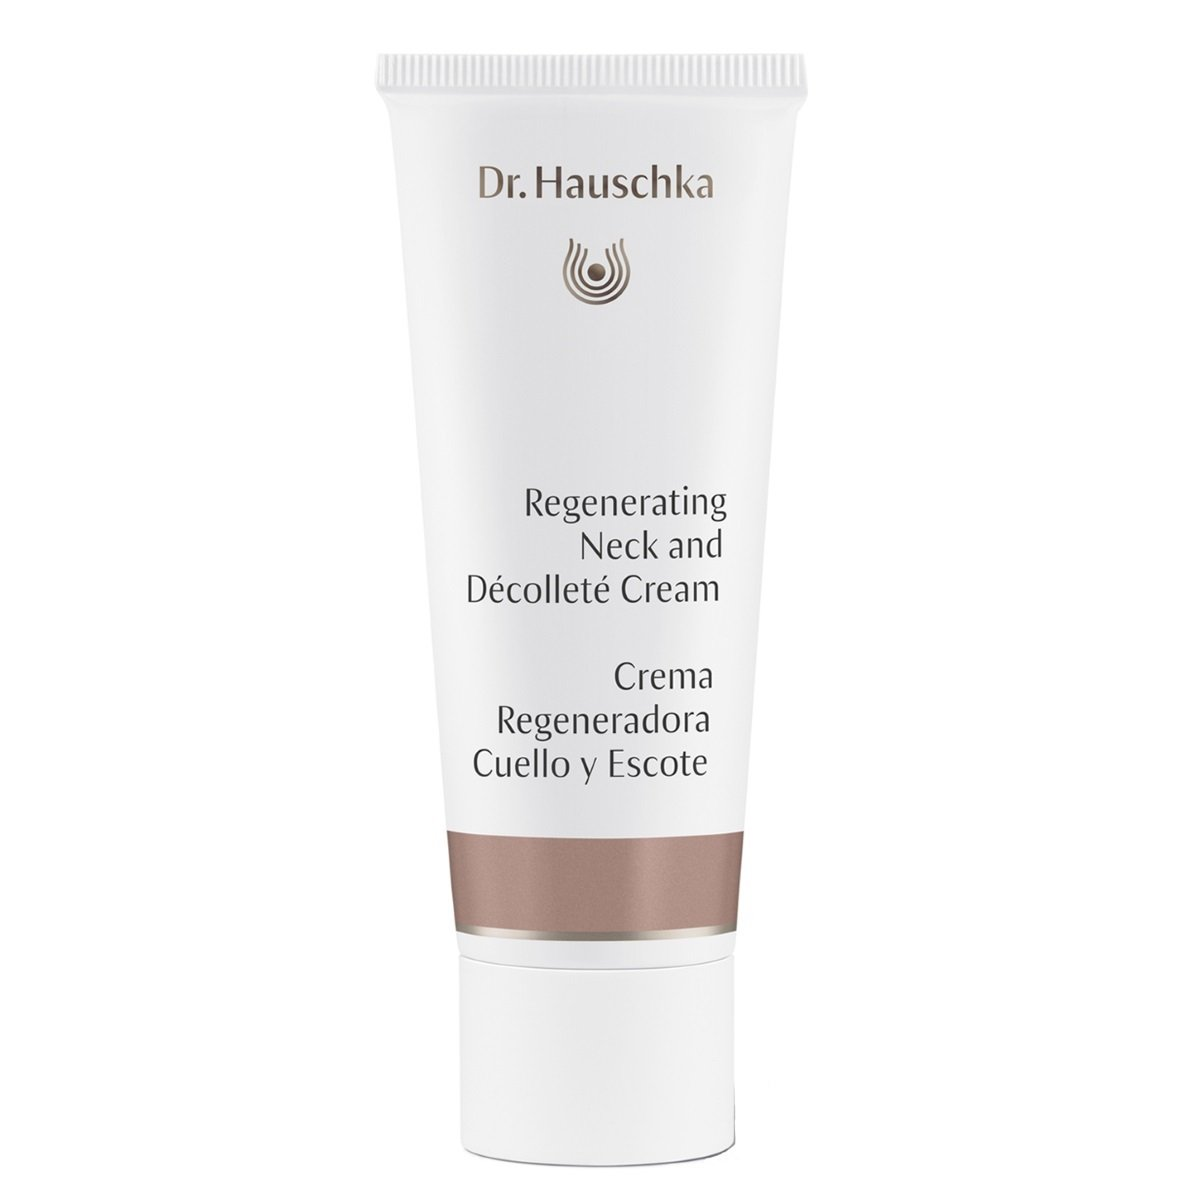 Dr Hauschka, Neck Decollete Cream Regenerating, 1.3 Fl Oz by Dr. Hauschka